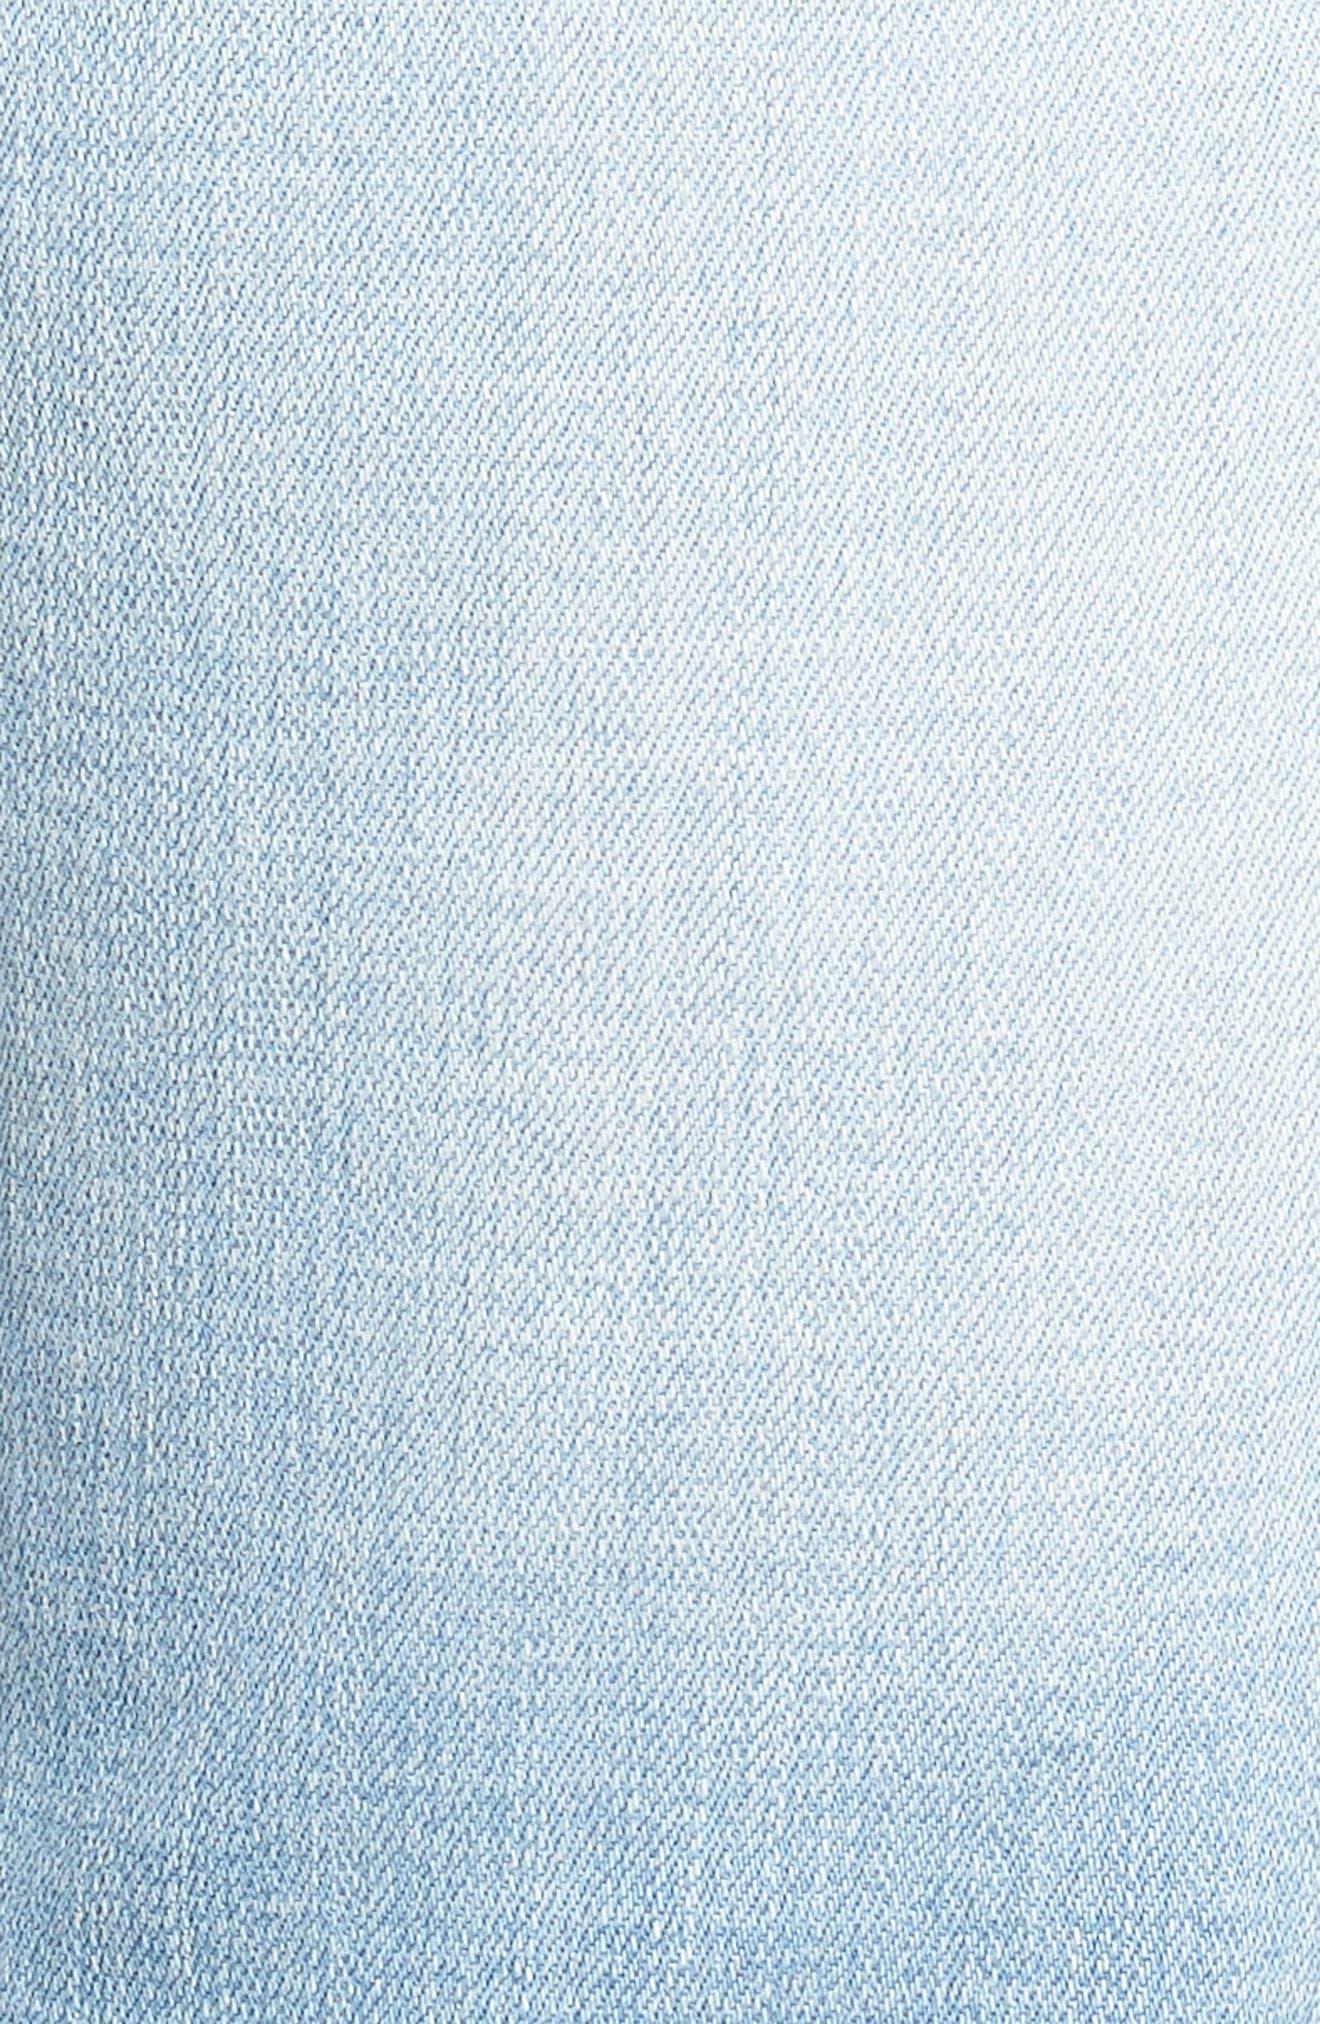 Jeans Co. Straight Leg Jeans,                             Alternate thumbnail 5, color,                             Riverside Light